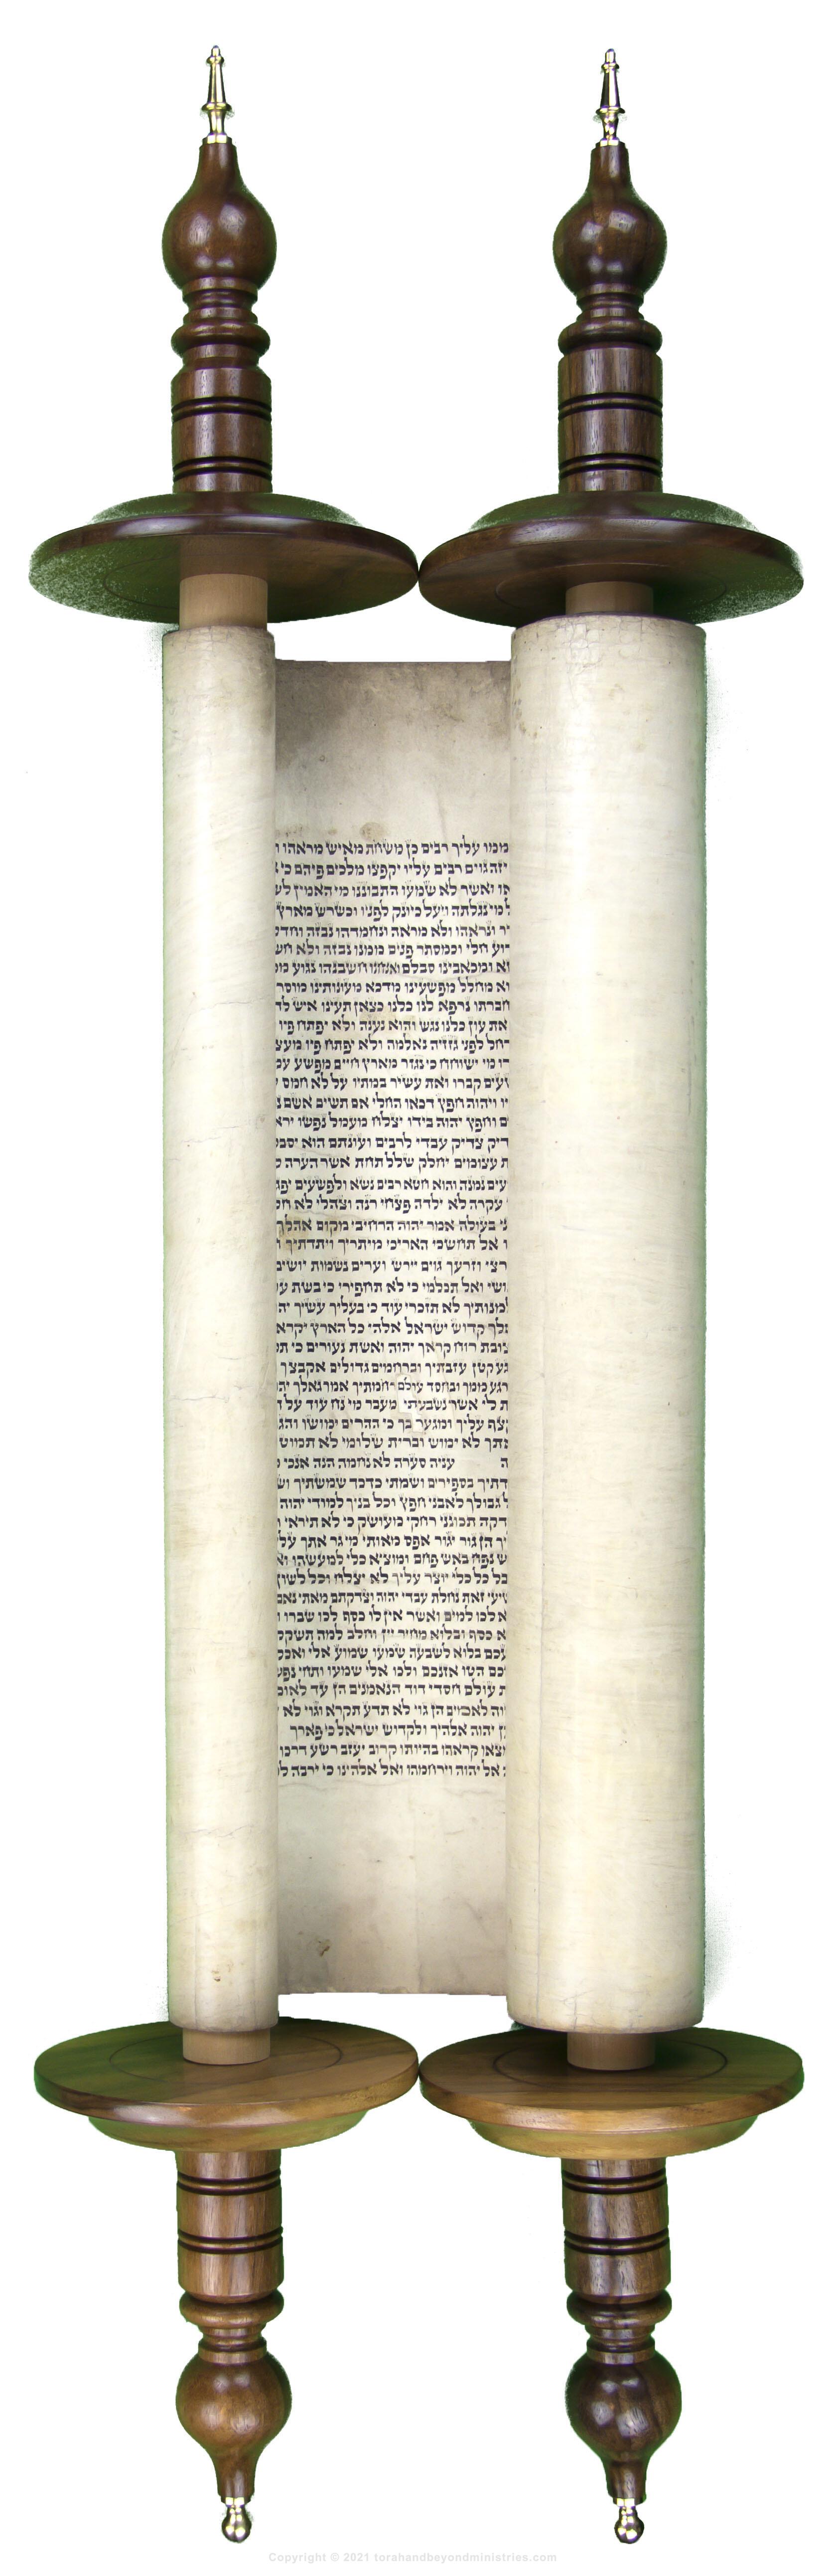 Hebrew Scroll of Isaiah written in Russia